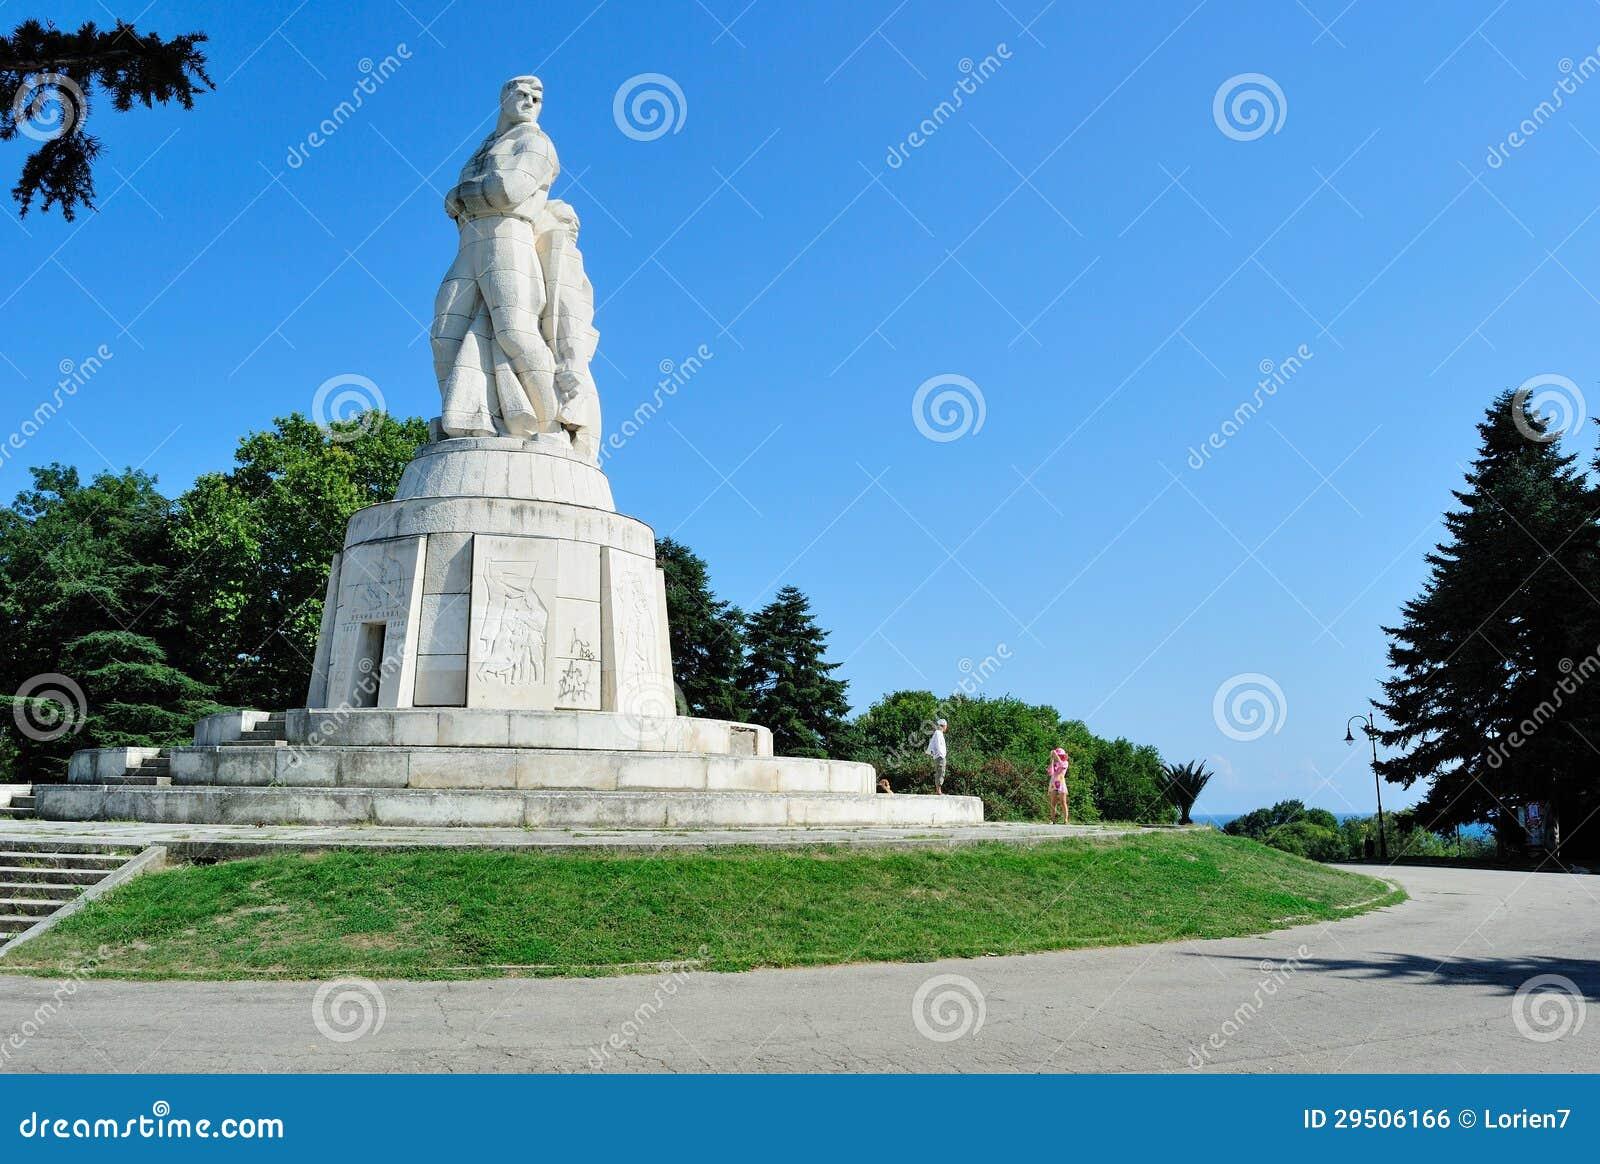 Monument aan Russische militairen in Varna, Bulgarije